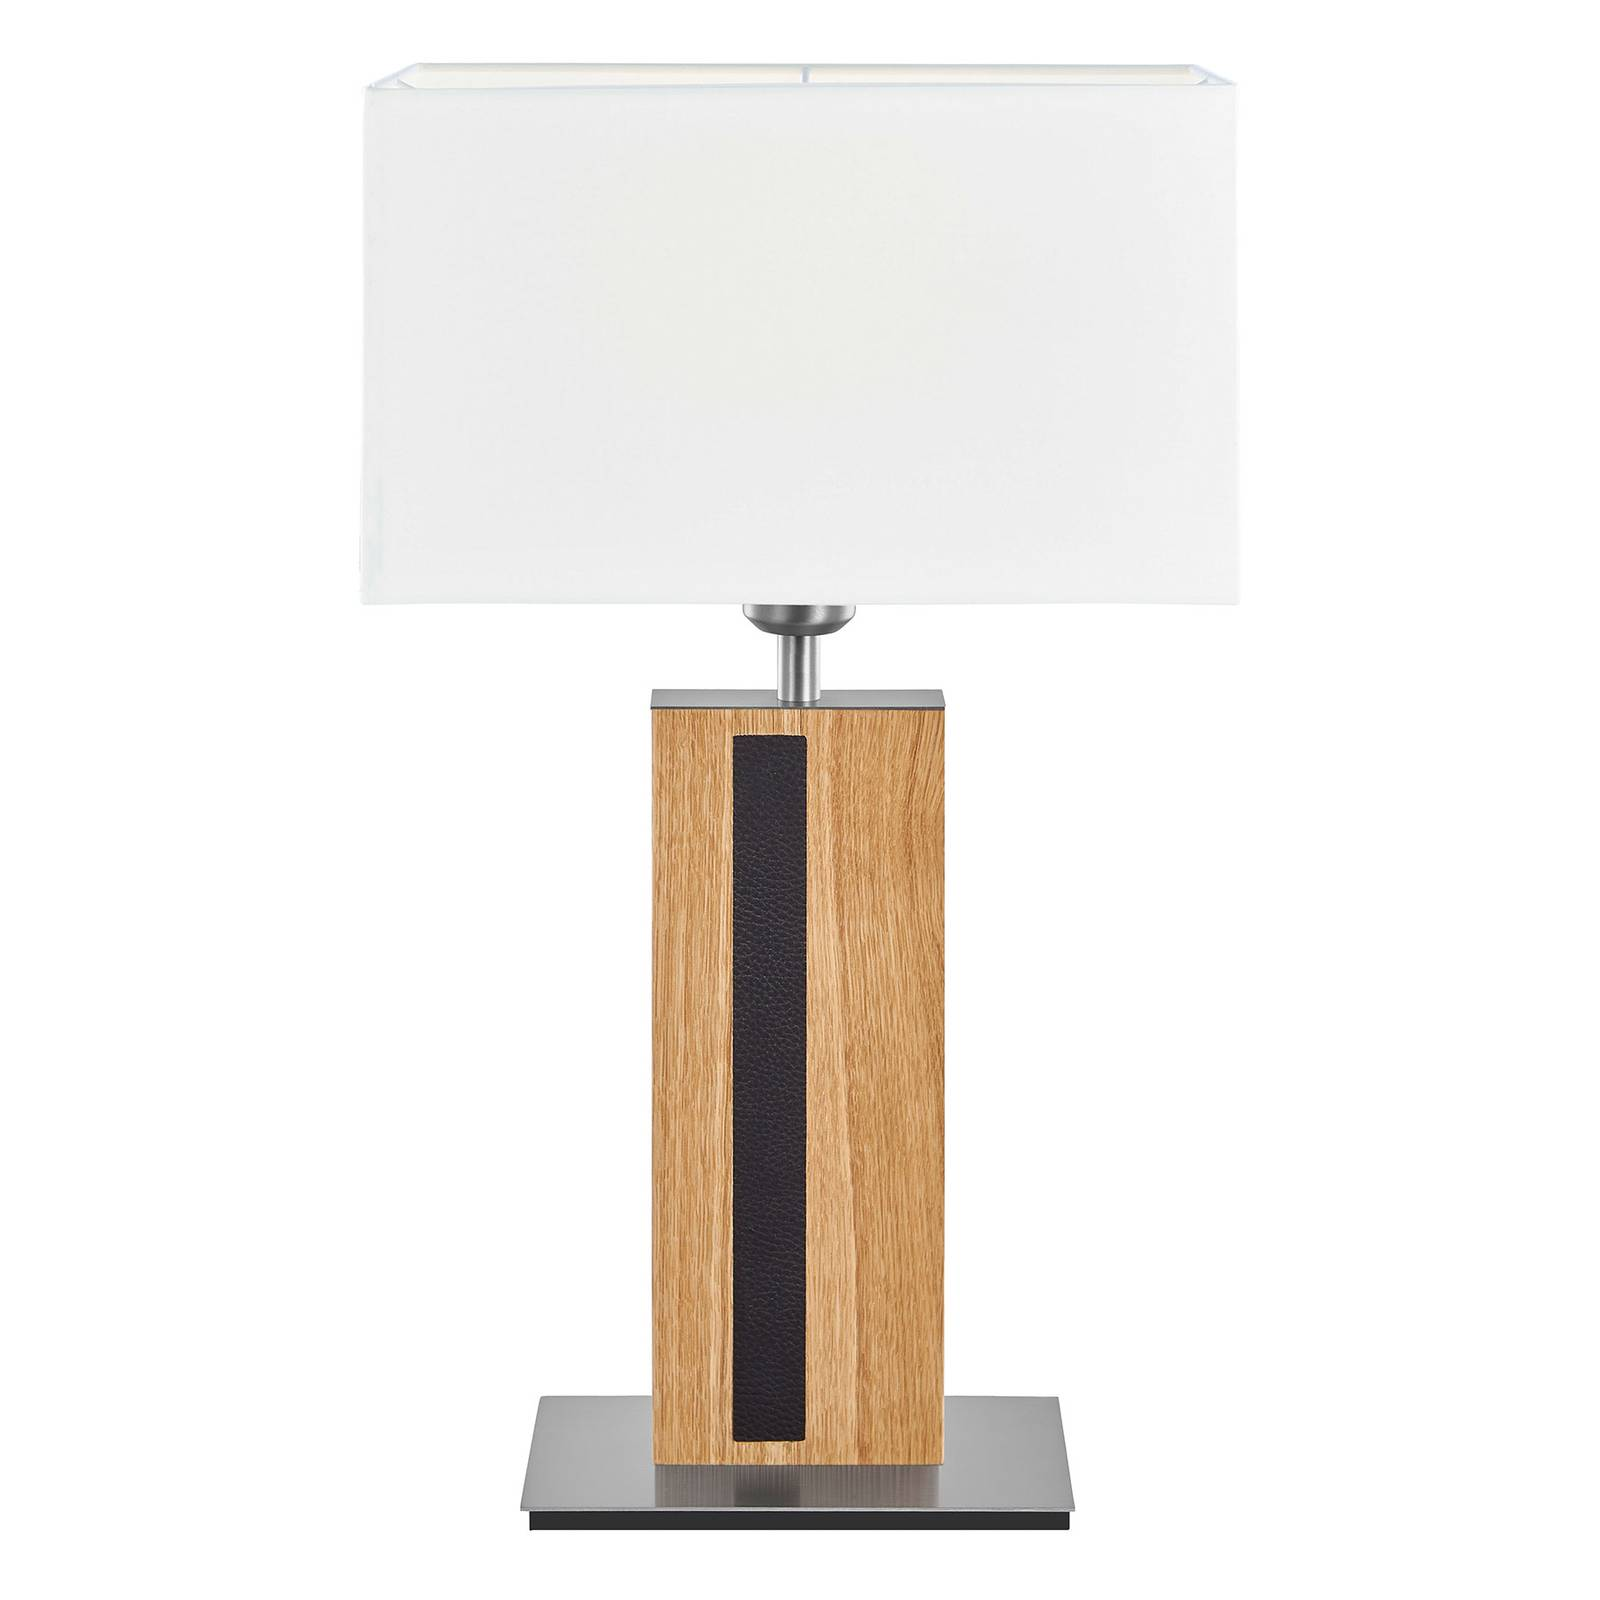 HerzBlut Maive -pöytälamppu, öljytty tammi, 56 cm